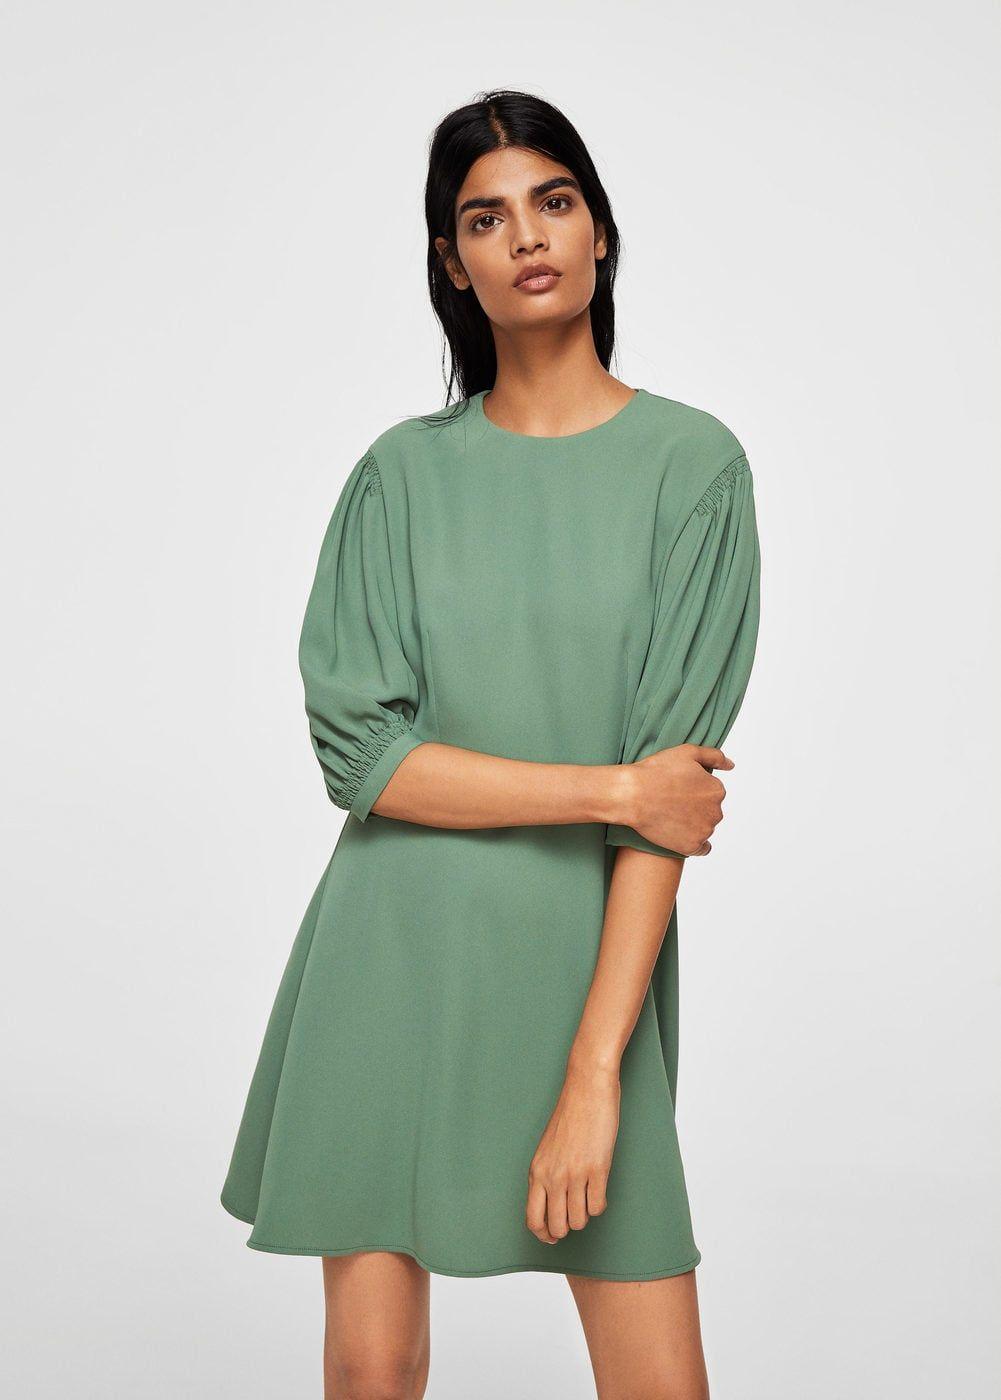 cebf42023d42 Puffed sleeves dress - Women